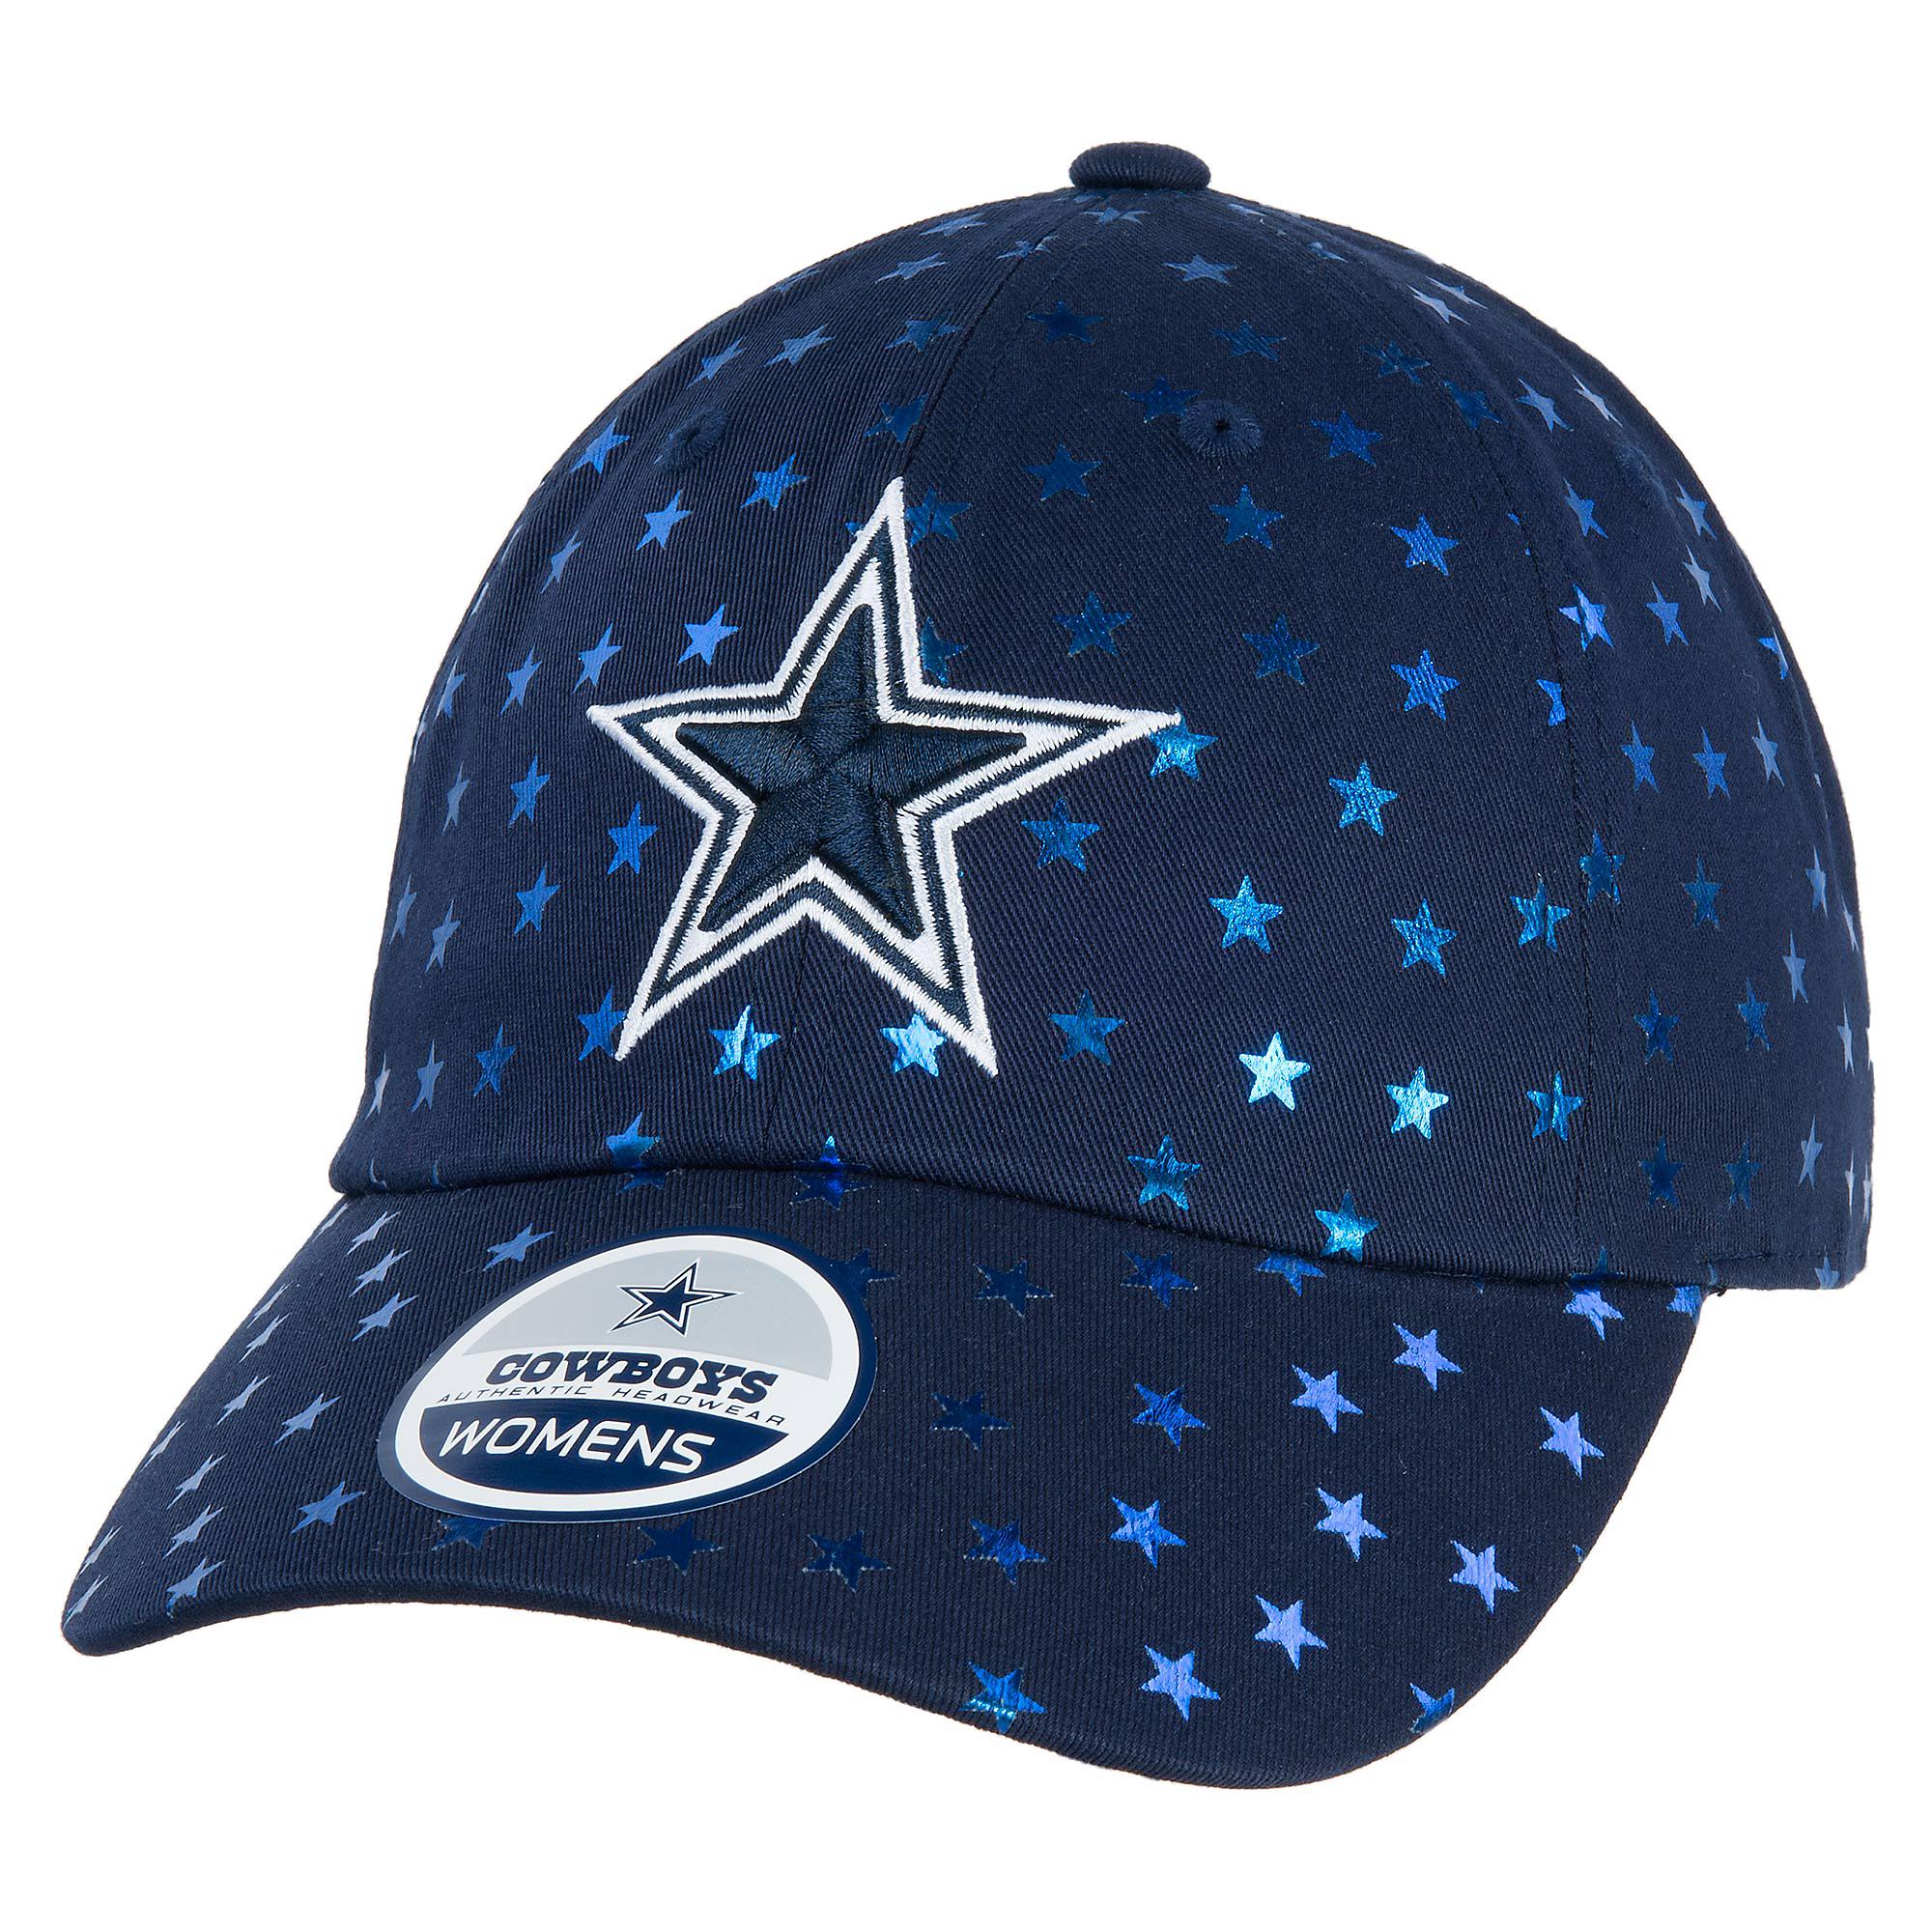 fda6ffdb7ddbd6 Dallas Cowboys Womens Shimmer Cap | Fans United